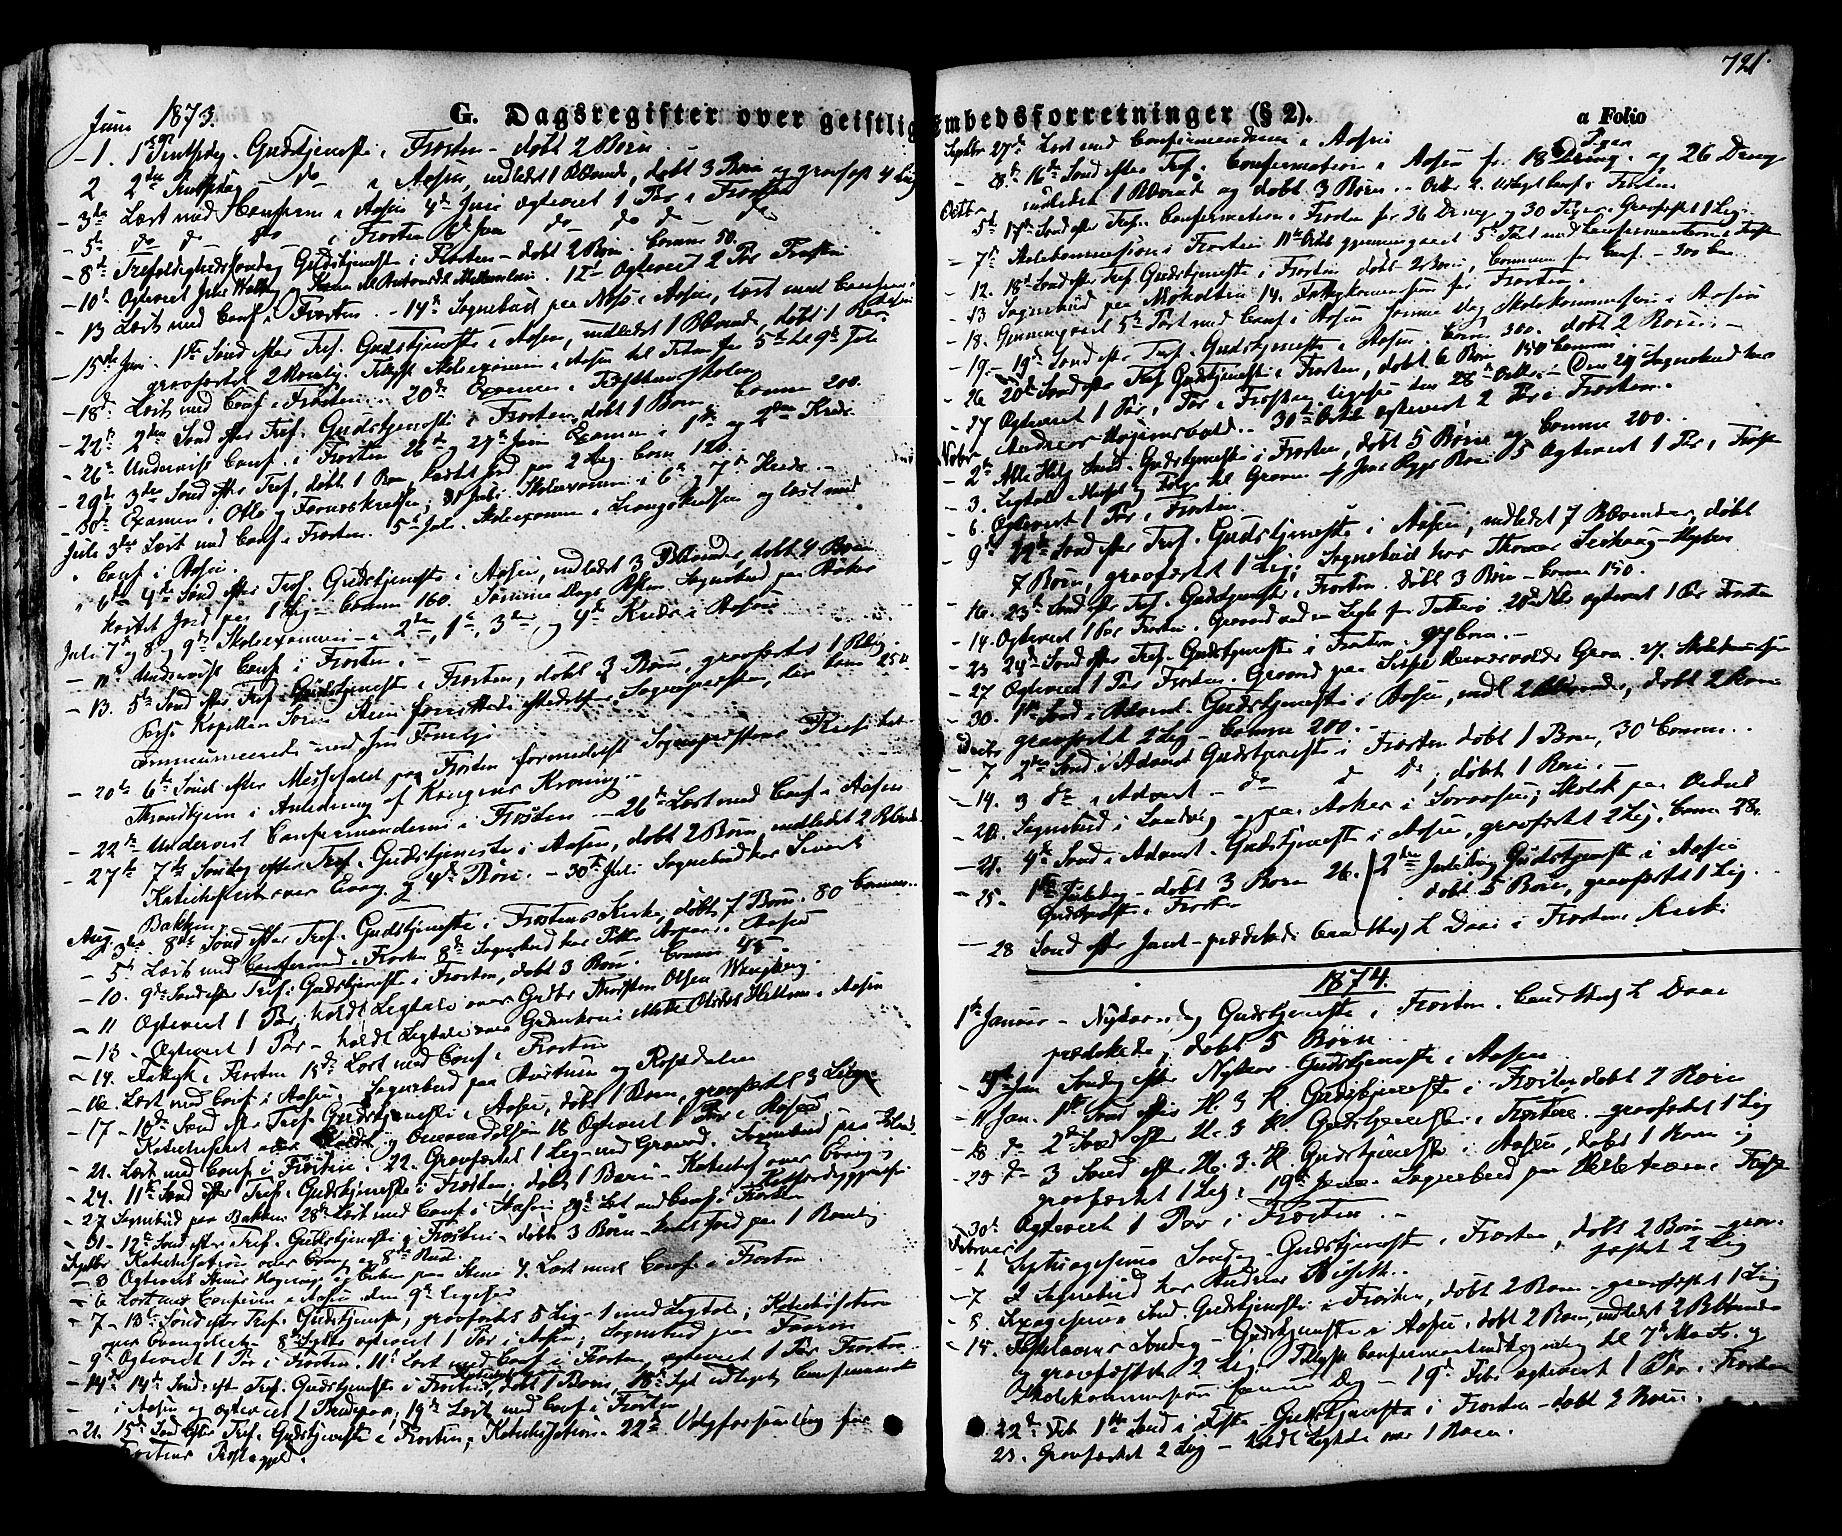 SAT, Ministerialprotokoller, klokkerbøker og fødselsregistre - Nord-Trøndelag, 713/L0116: Ministerialbok nr. 713A07 /1, 1850-1877, s. 721